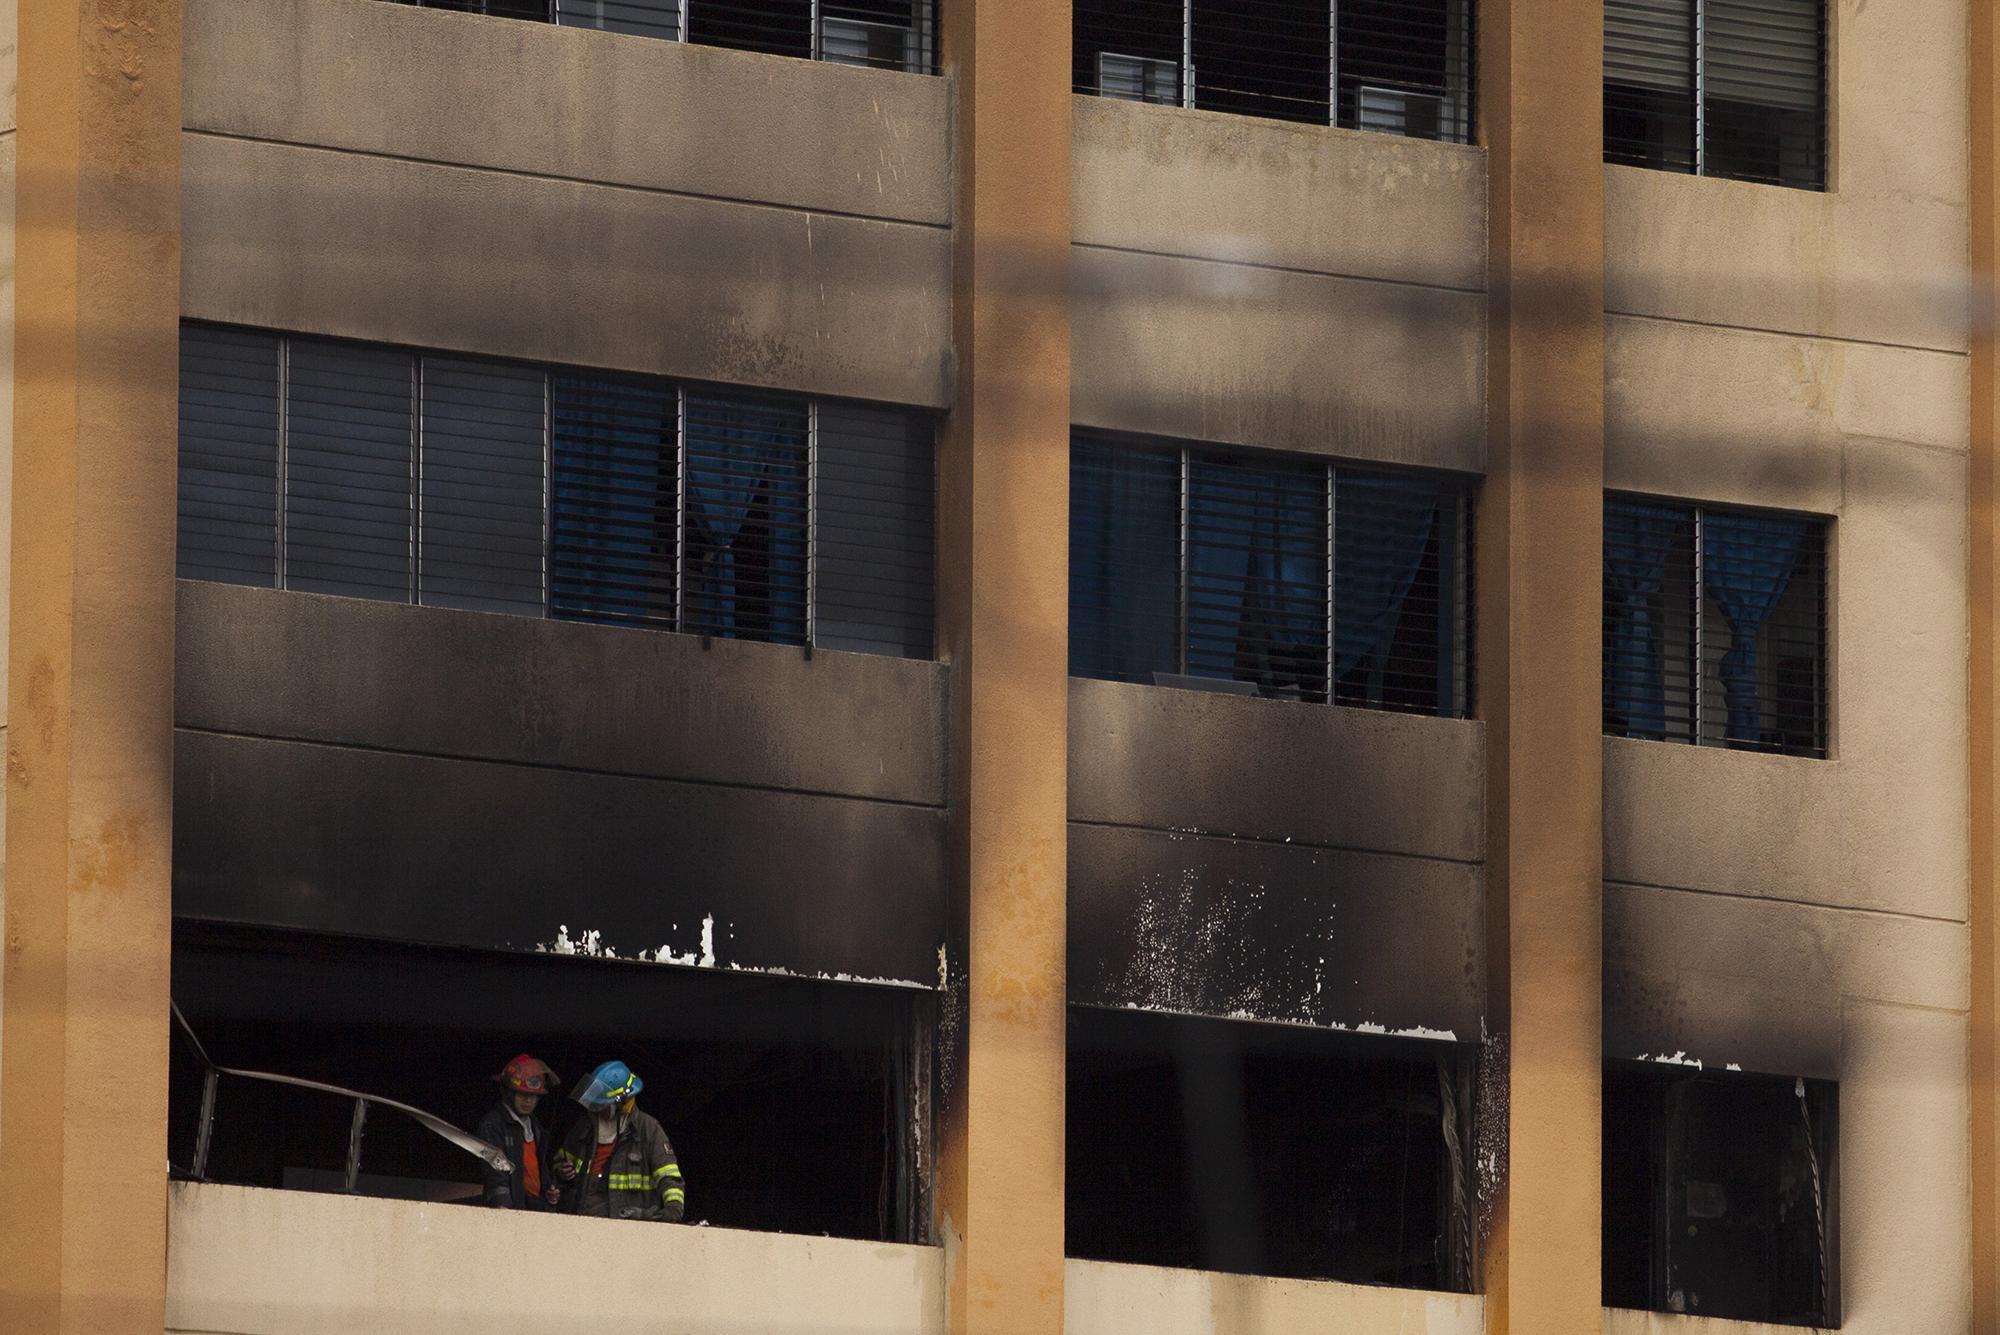 Bomberos trabajan en la evacuación del incendio, que inició a las 3:00 PM, en el ala C, del edifio número 3, del Ministerio de Hacienda. Cuerpo de Bomberos aseguró que el incendio fue provocado por la explosión de un sistema de aire acondicionado, en el cuarto nivel del edificio. Foto: Víctor Peña